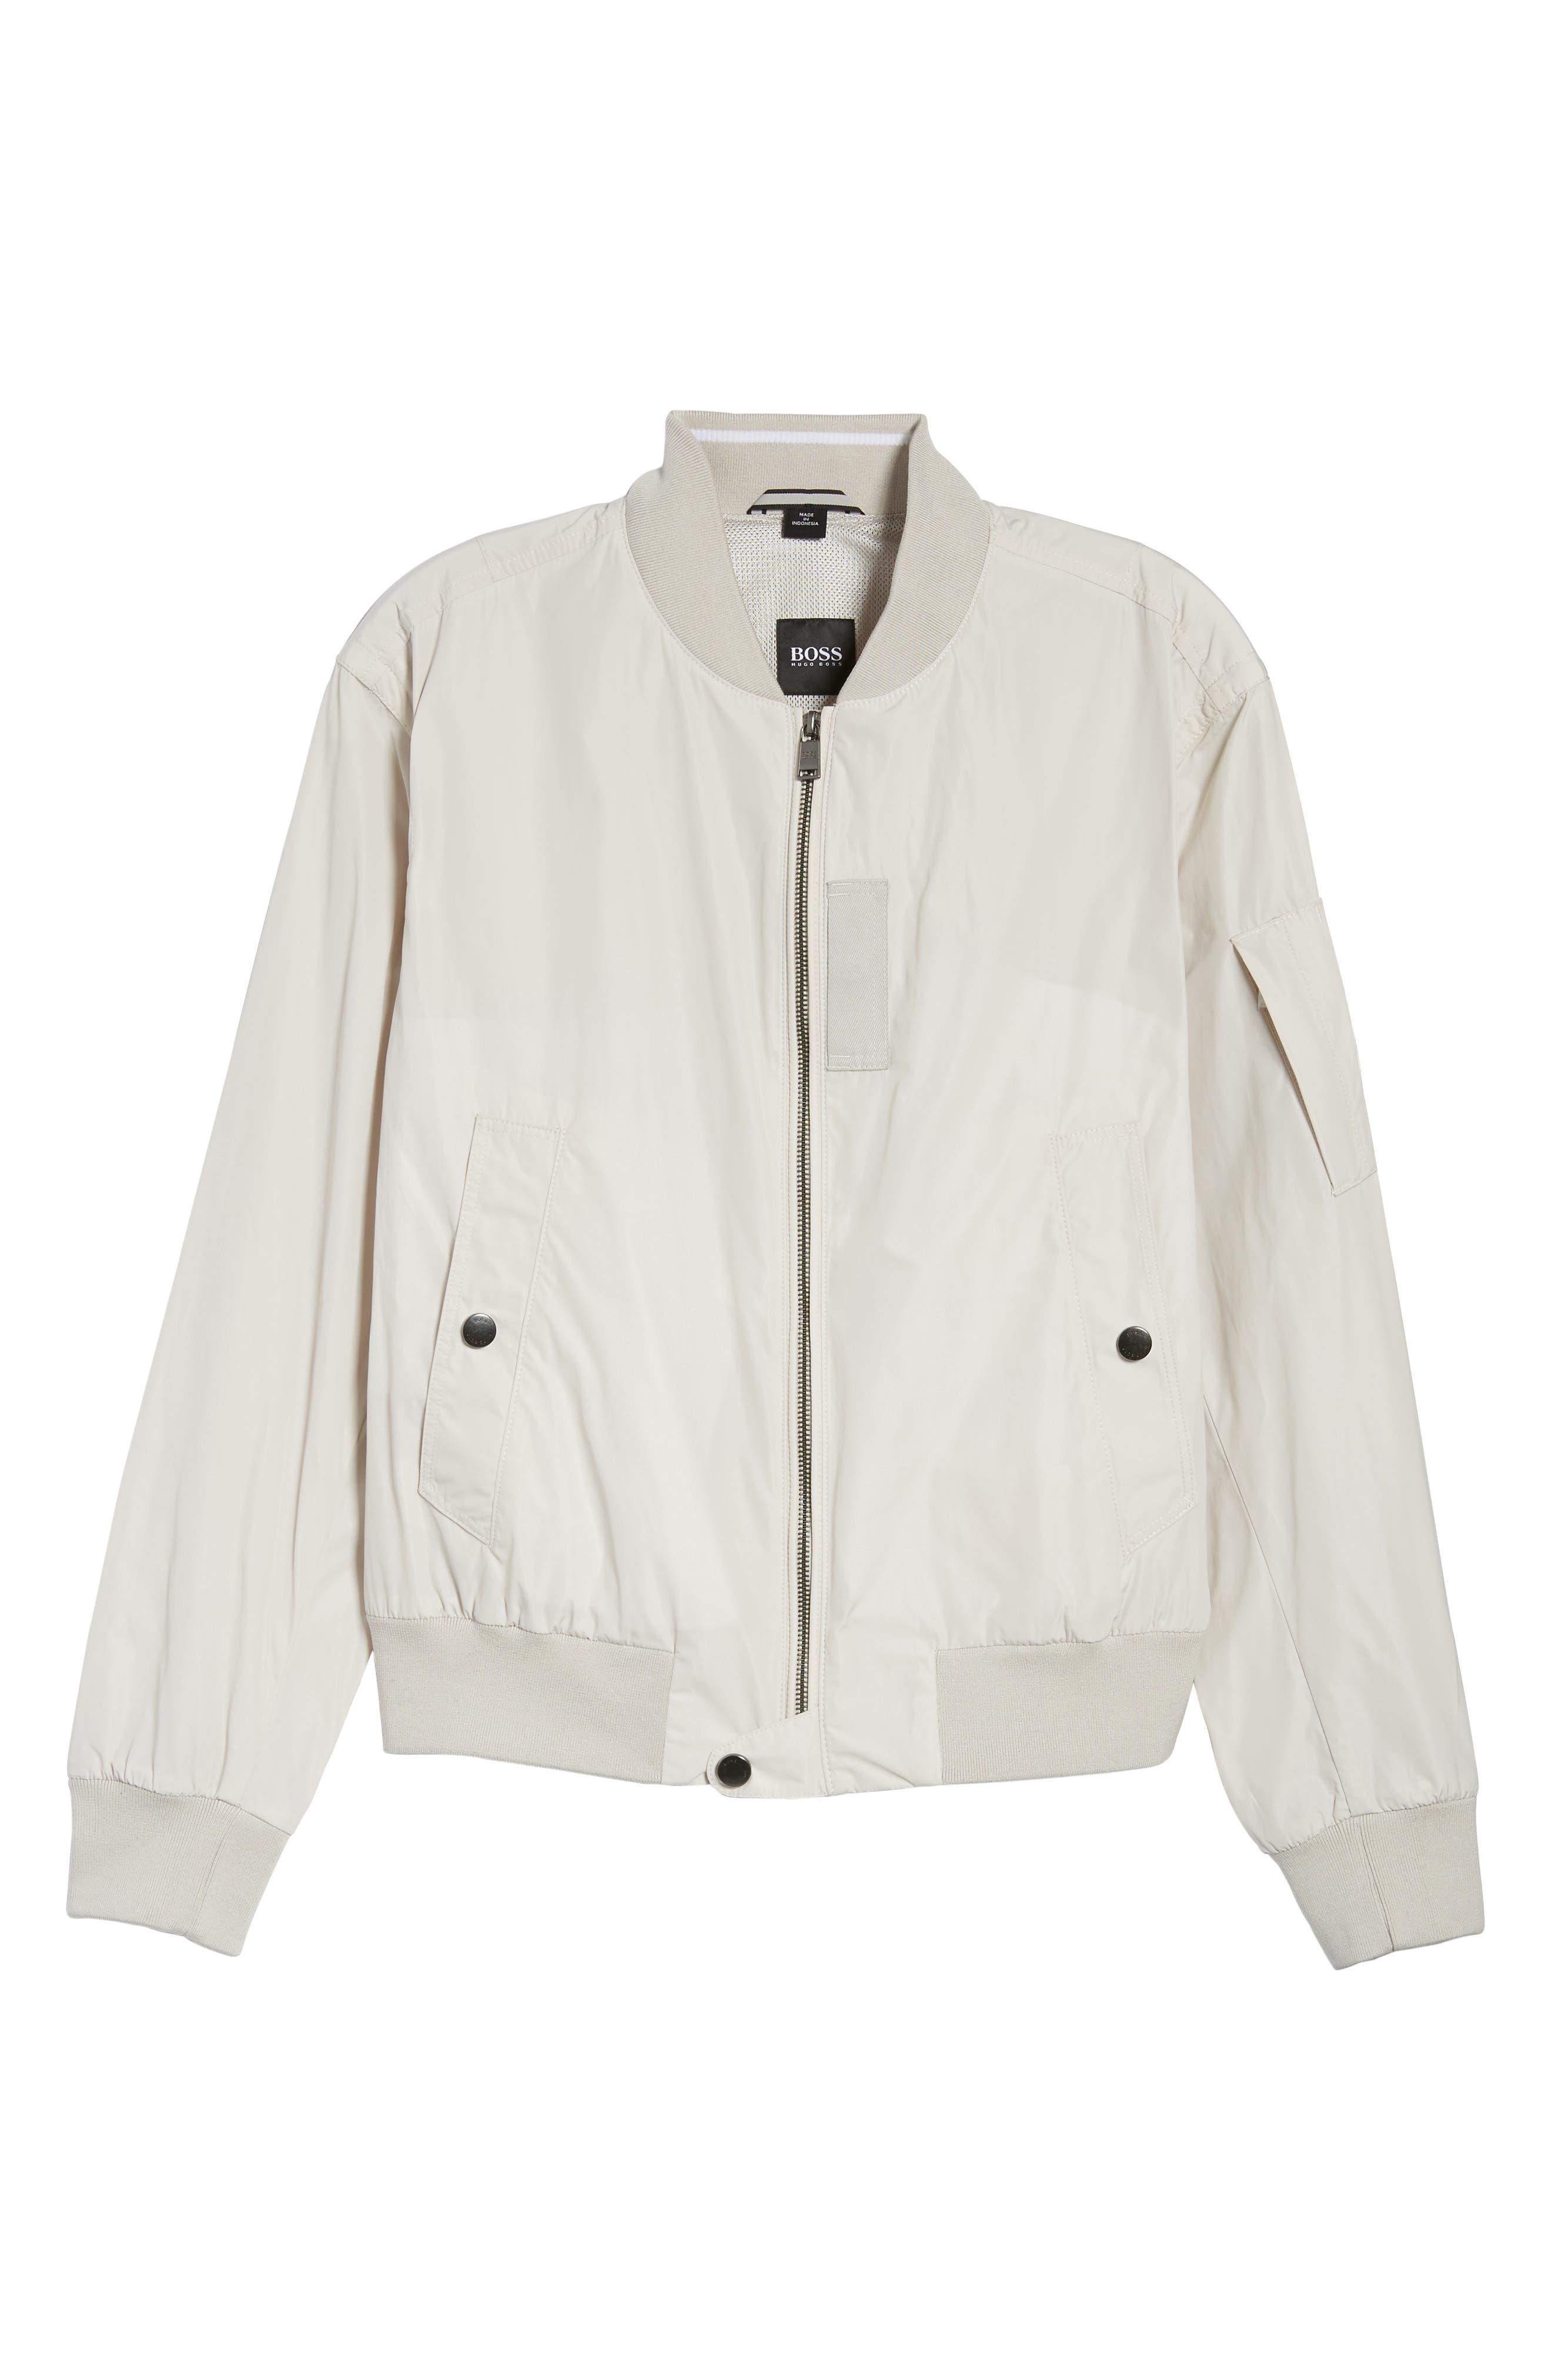 Regular Fit Bomber Jacket,                             Alternate thumbnail 6, color,                             White